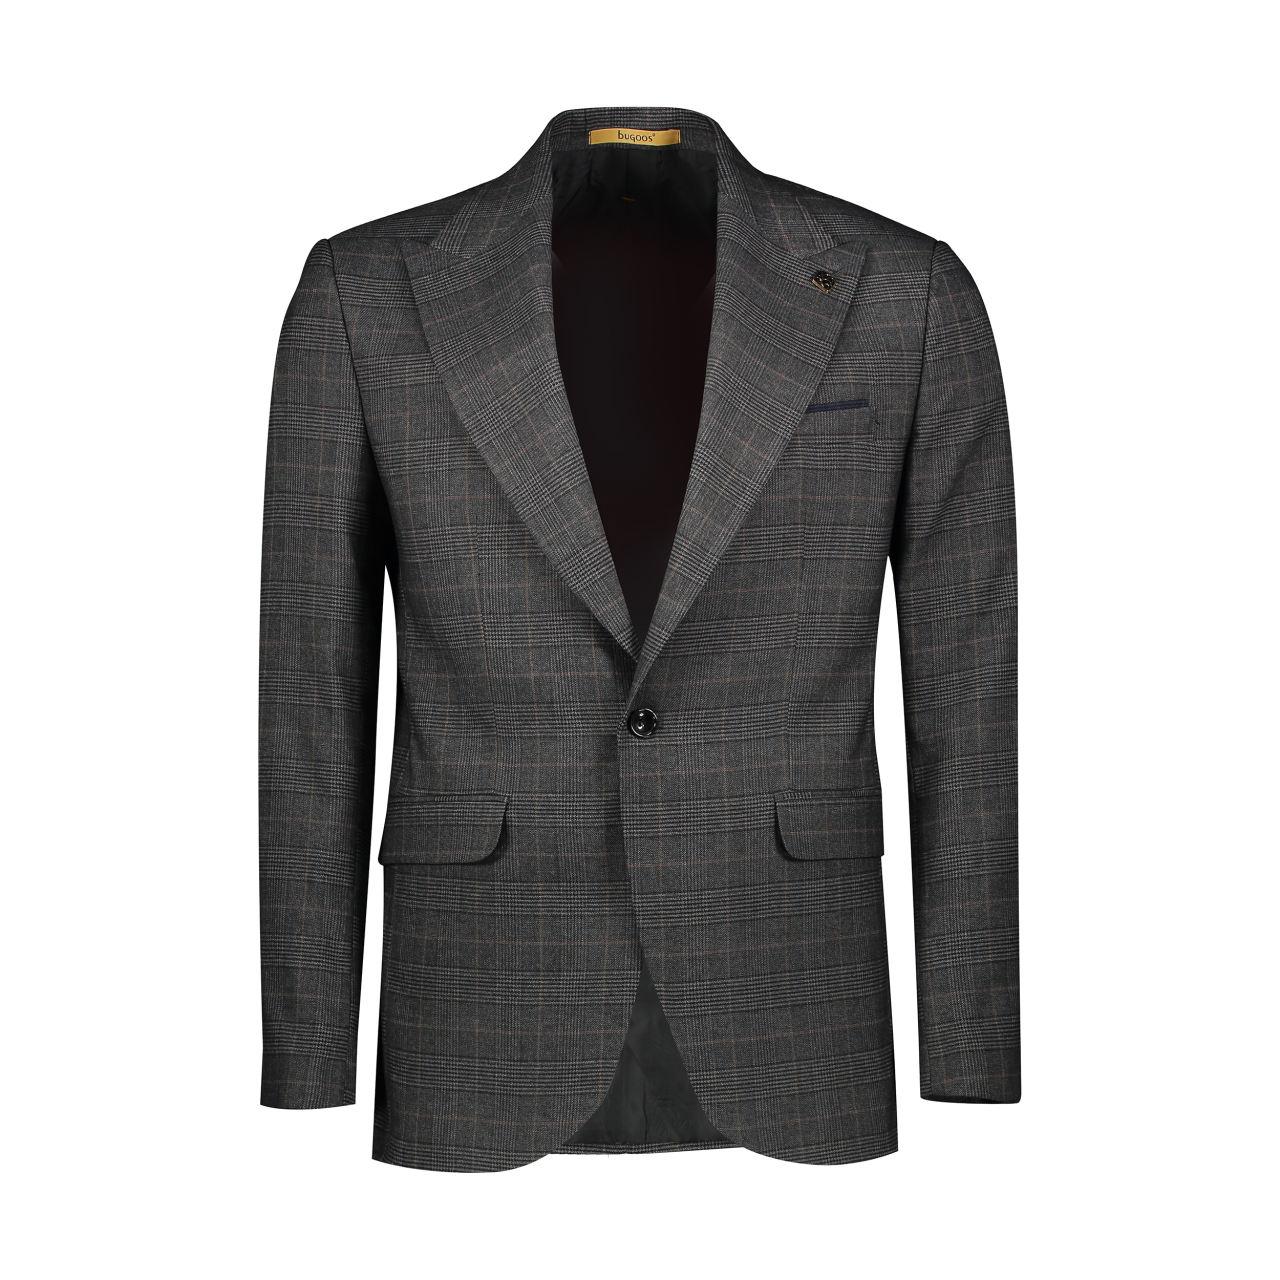 کت تک مردانه بوگوس مدل 91048-8